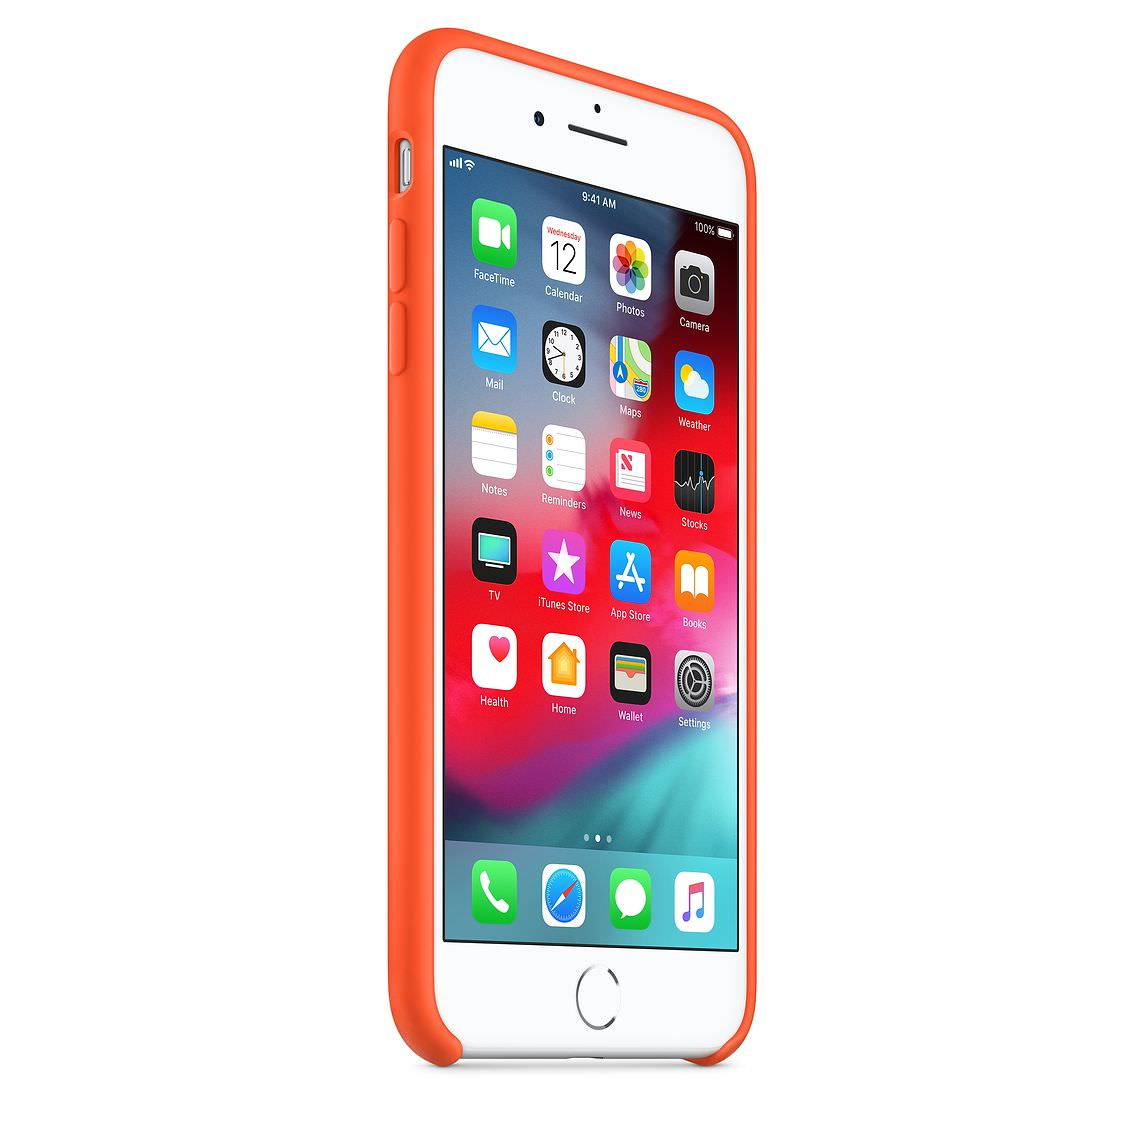 Apple silikónový obal pre iPhone 7 Plus / 8 Plus – oranžový 2